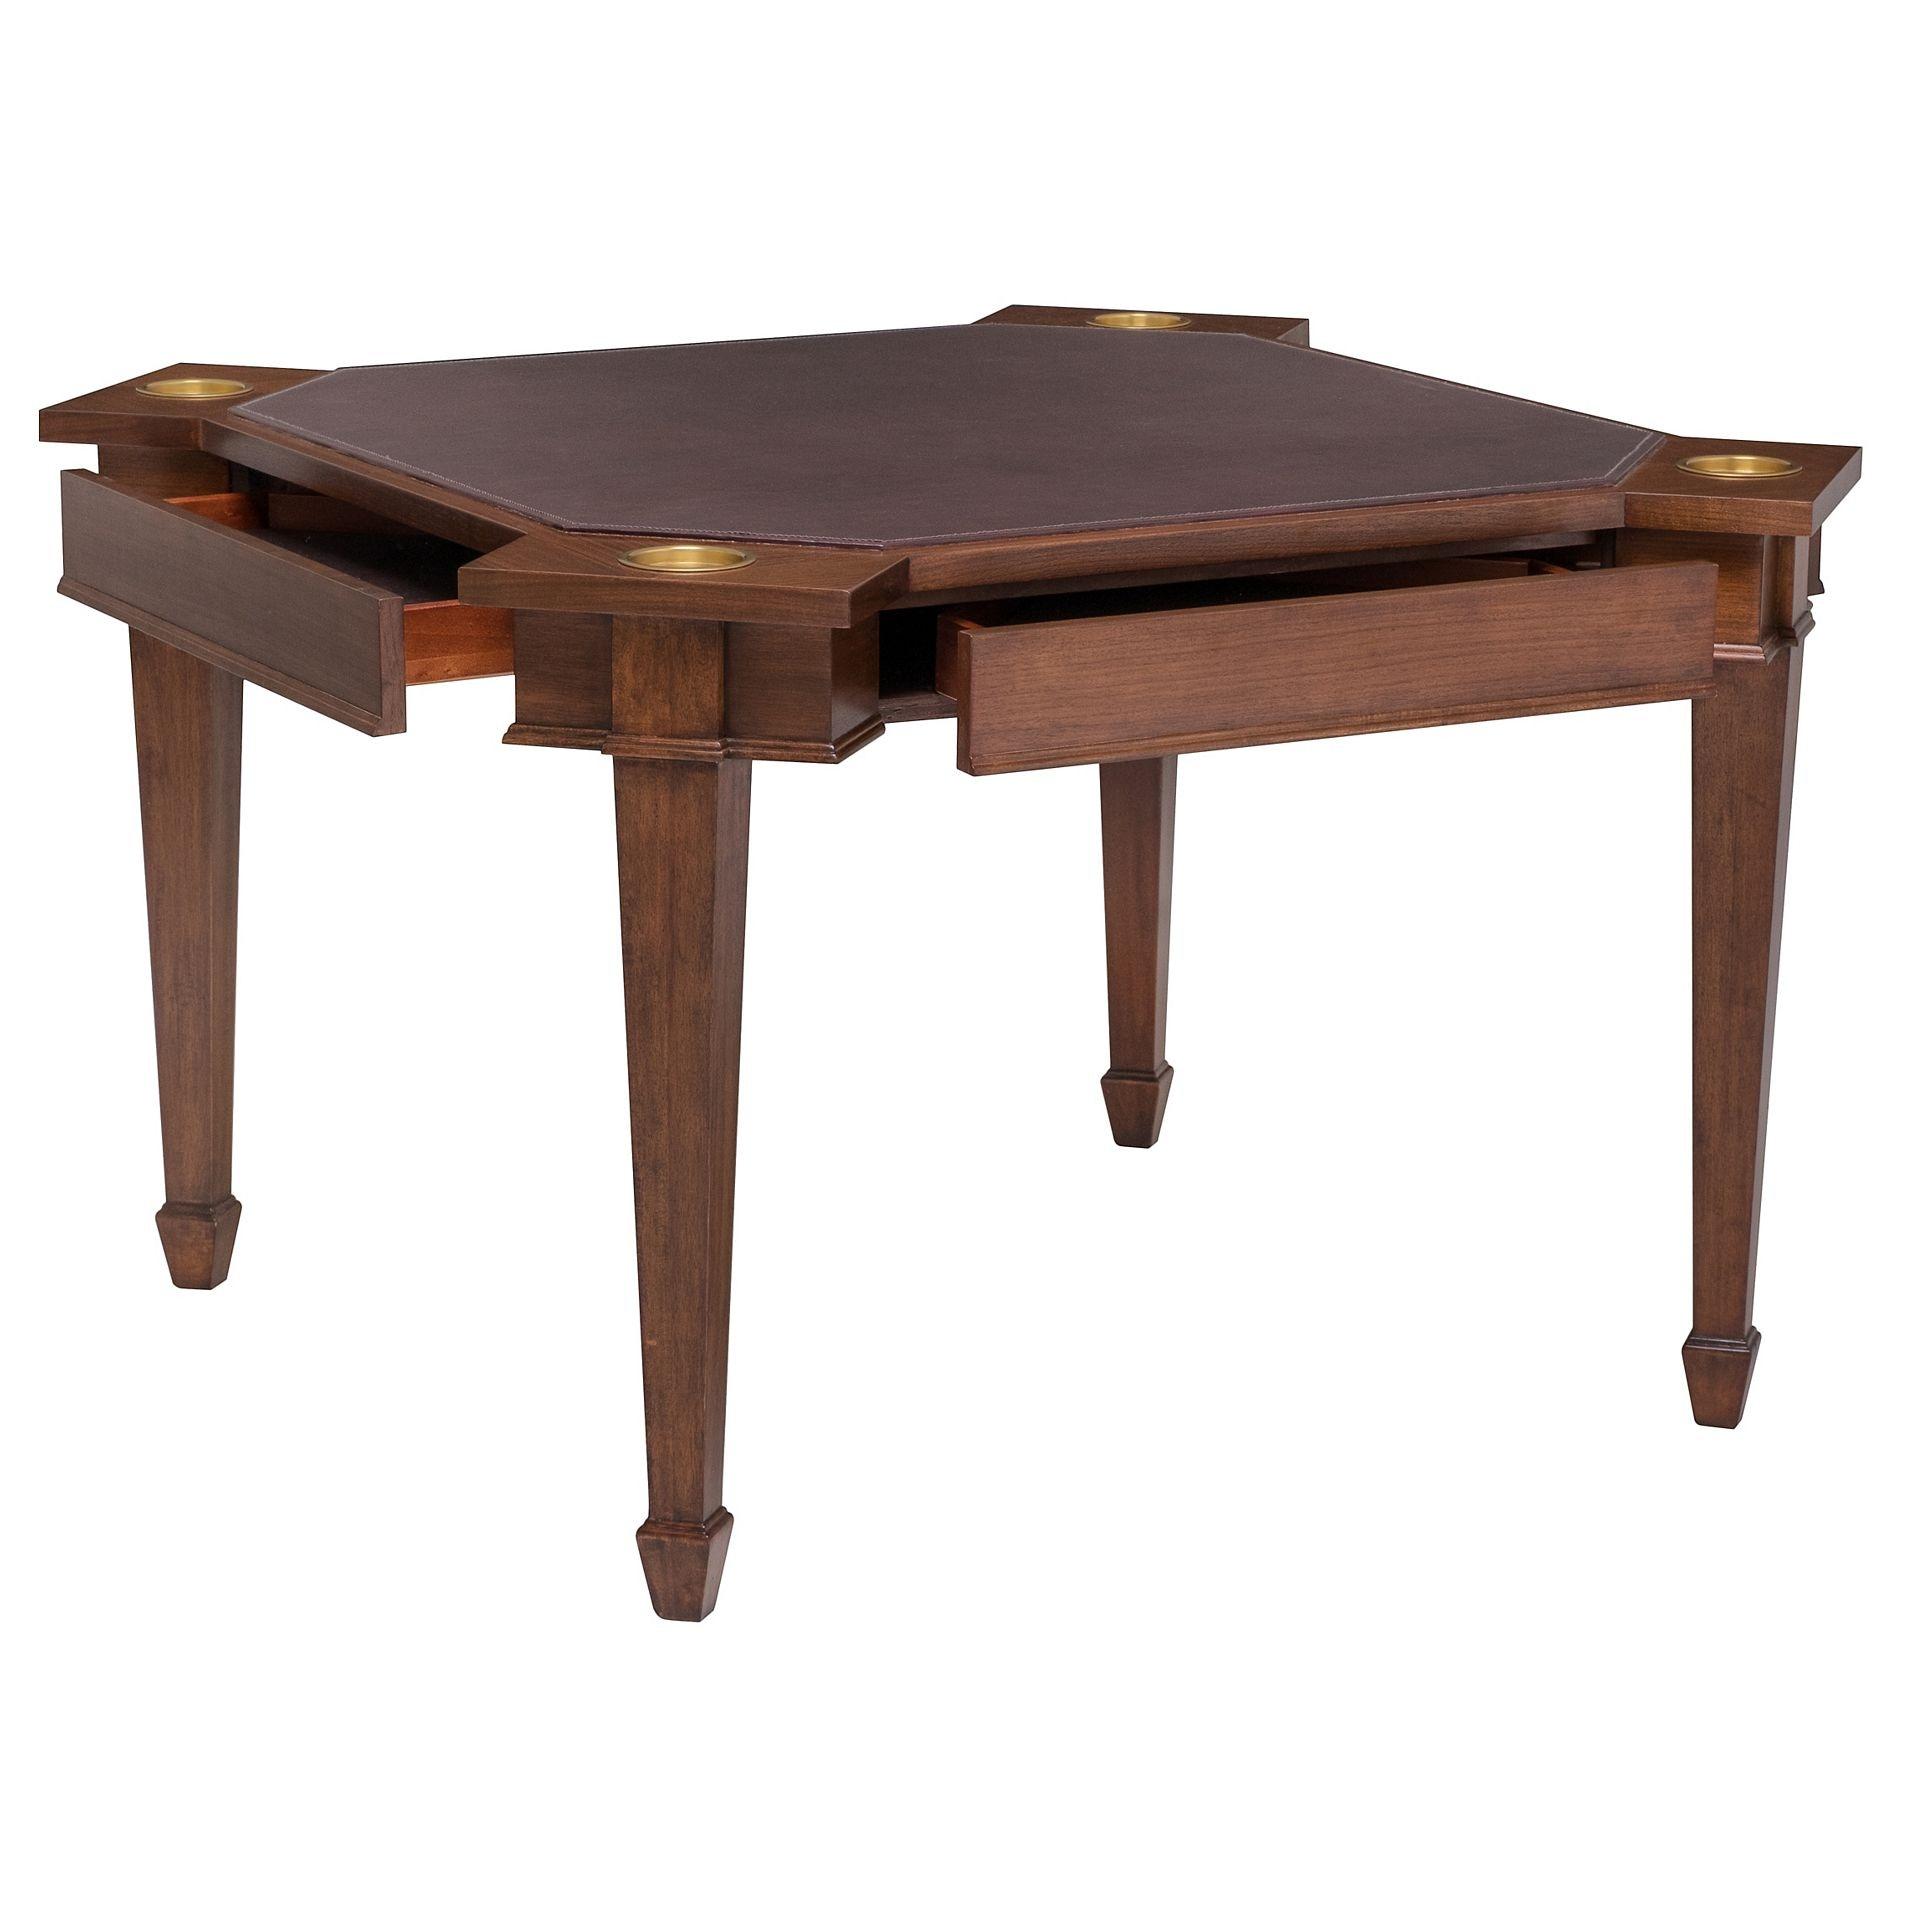 Henredon Furniture Jeffrey Bilhuber Delancey Square Game Table 8100 55 000